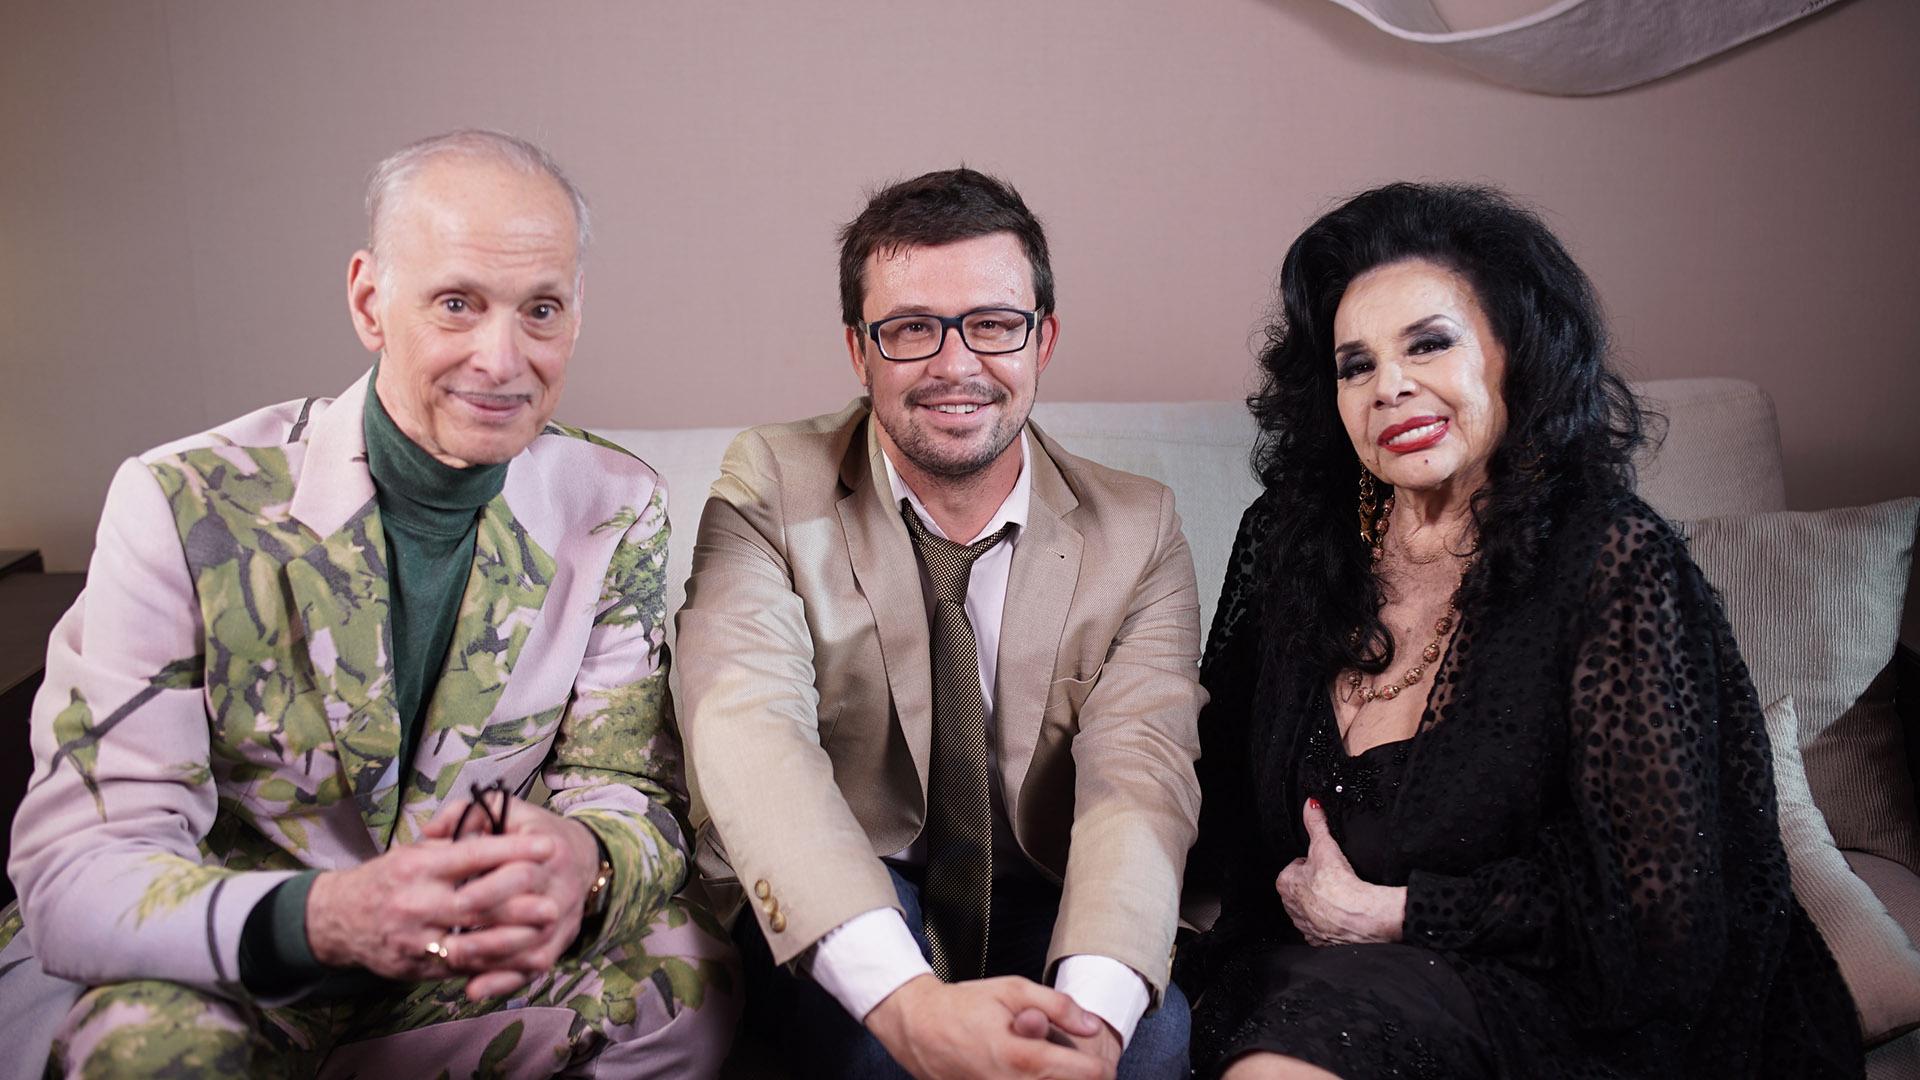 Javier Porta Fouz, director artístico del BAFICI, unió a Waters y Sarli en un encuentro único